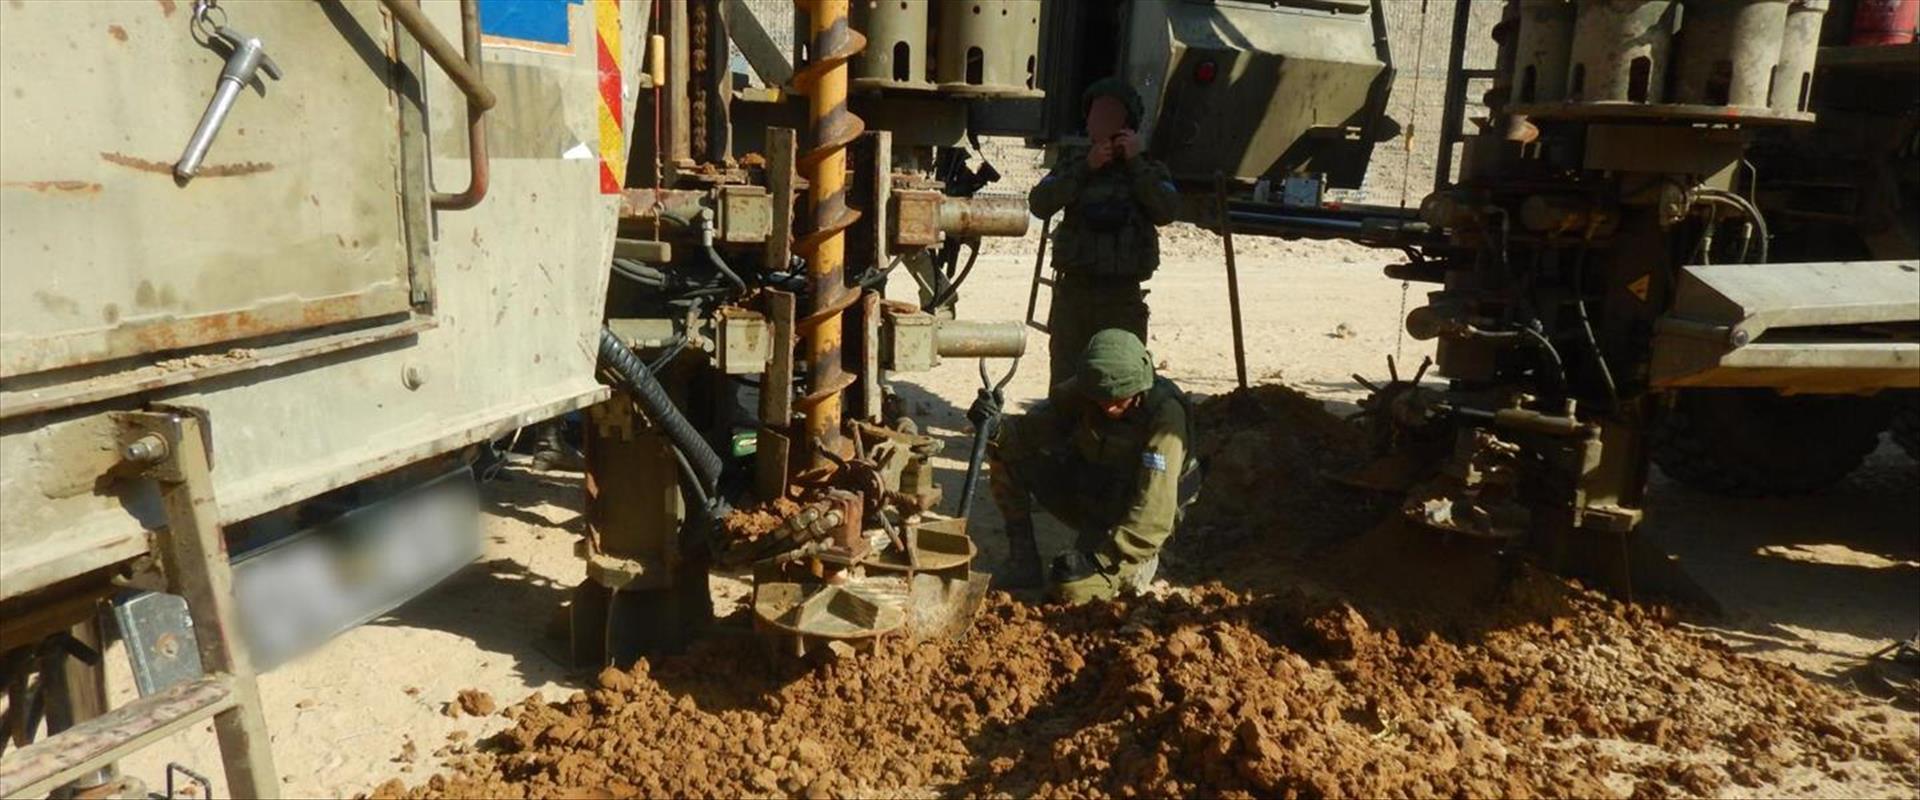 """פעילות כוח צה""""ל באזור בו אותרה המנהרה מרצועת עזה 2"""